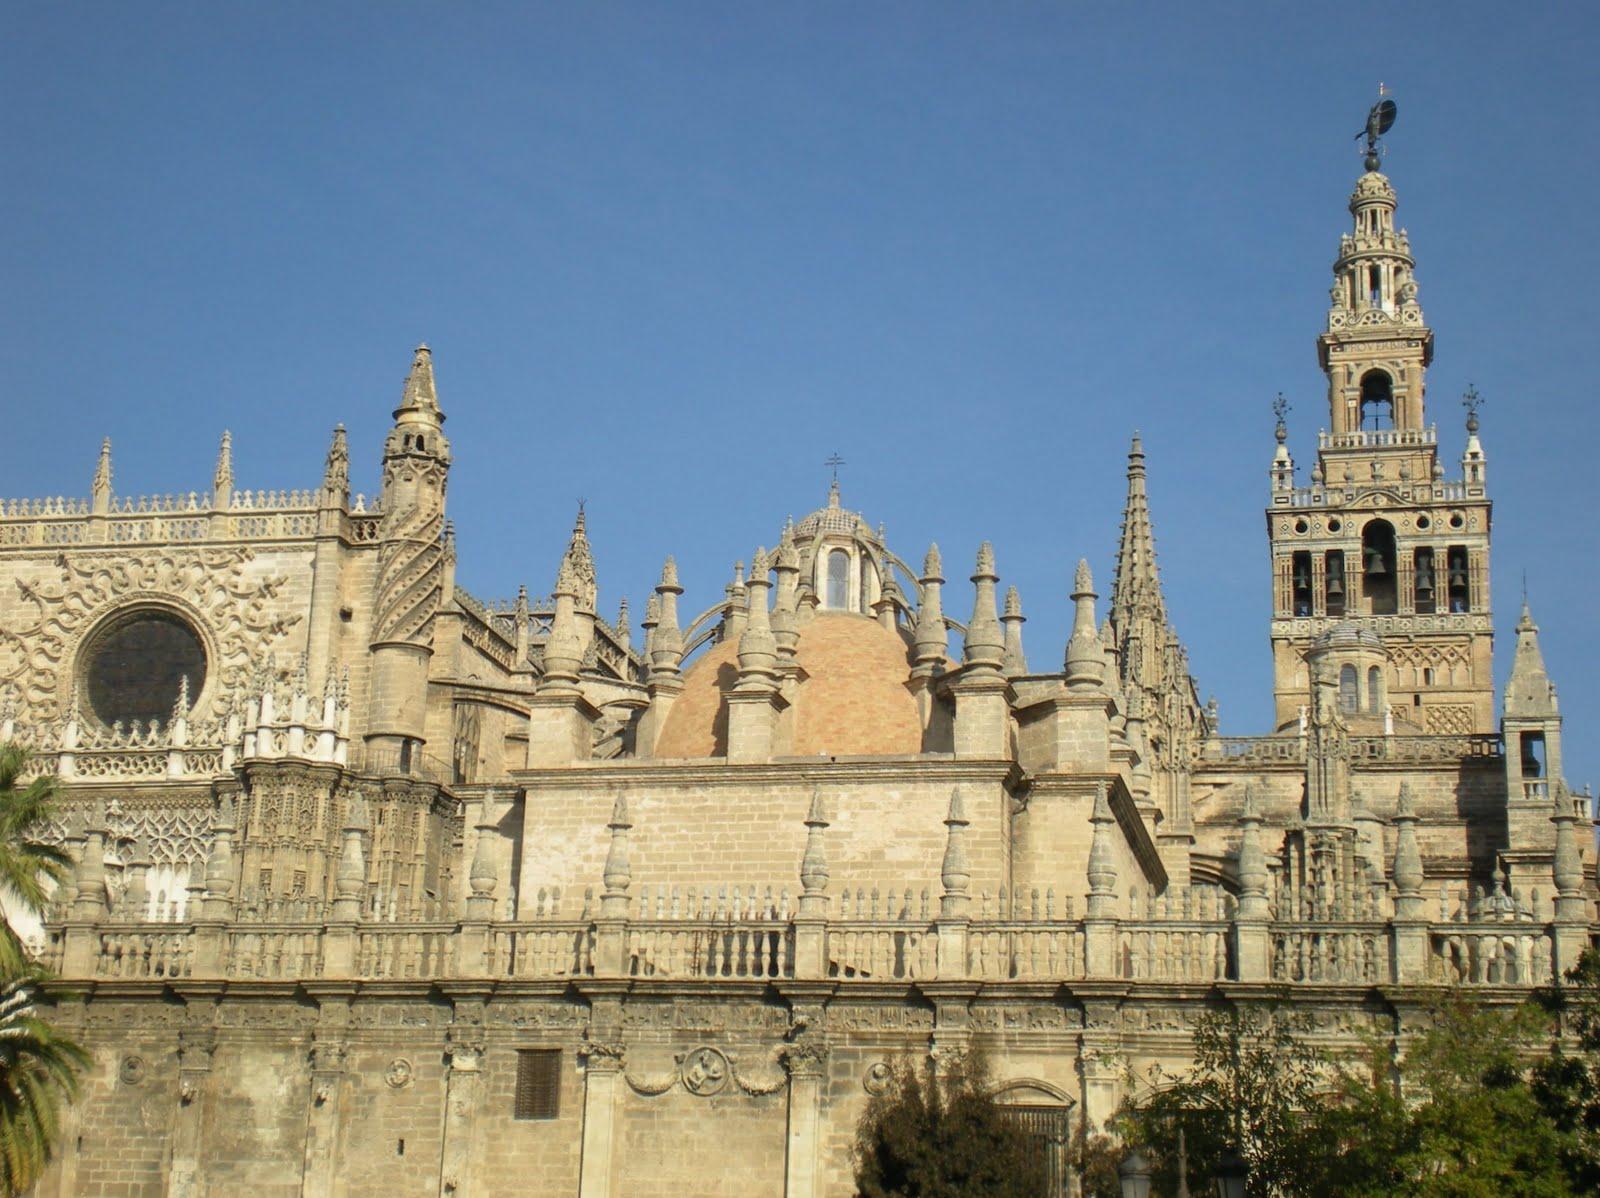 Fotos bmv ba os rabes reales alc zares sevilla - Sevilla banos arabes ...